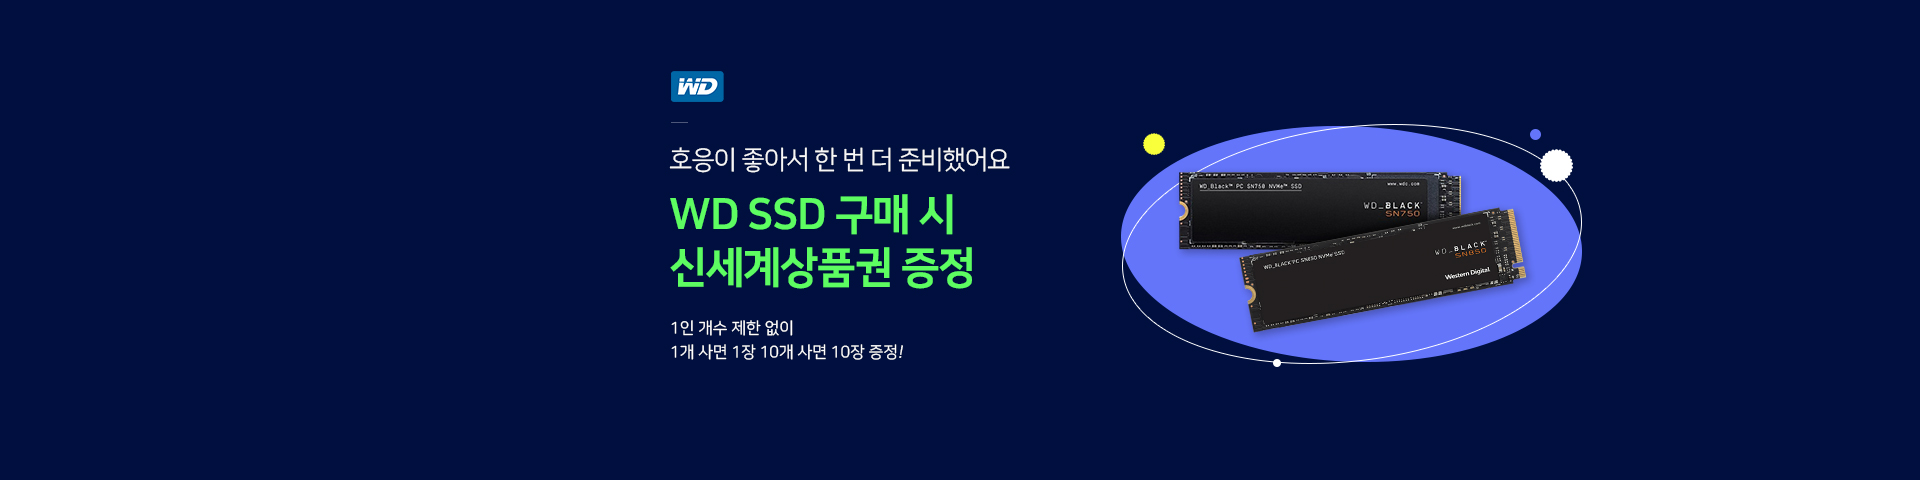 [WD] SSD 상품권 지급 프로모션